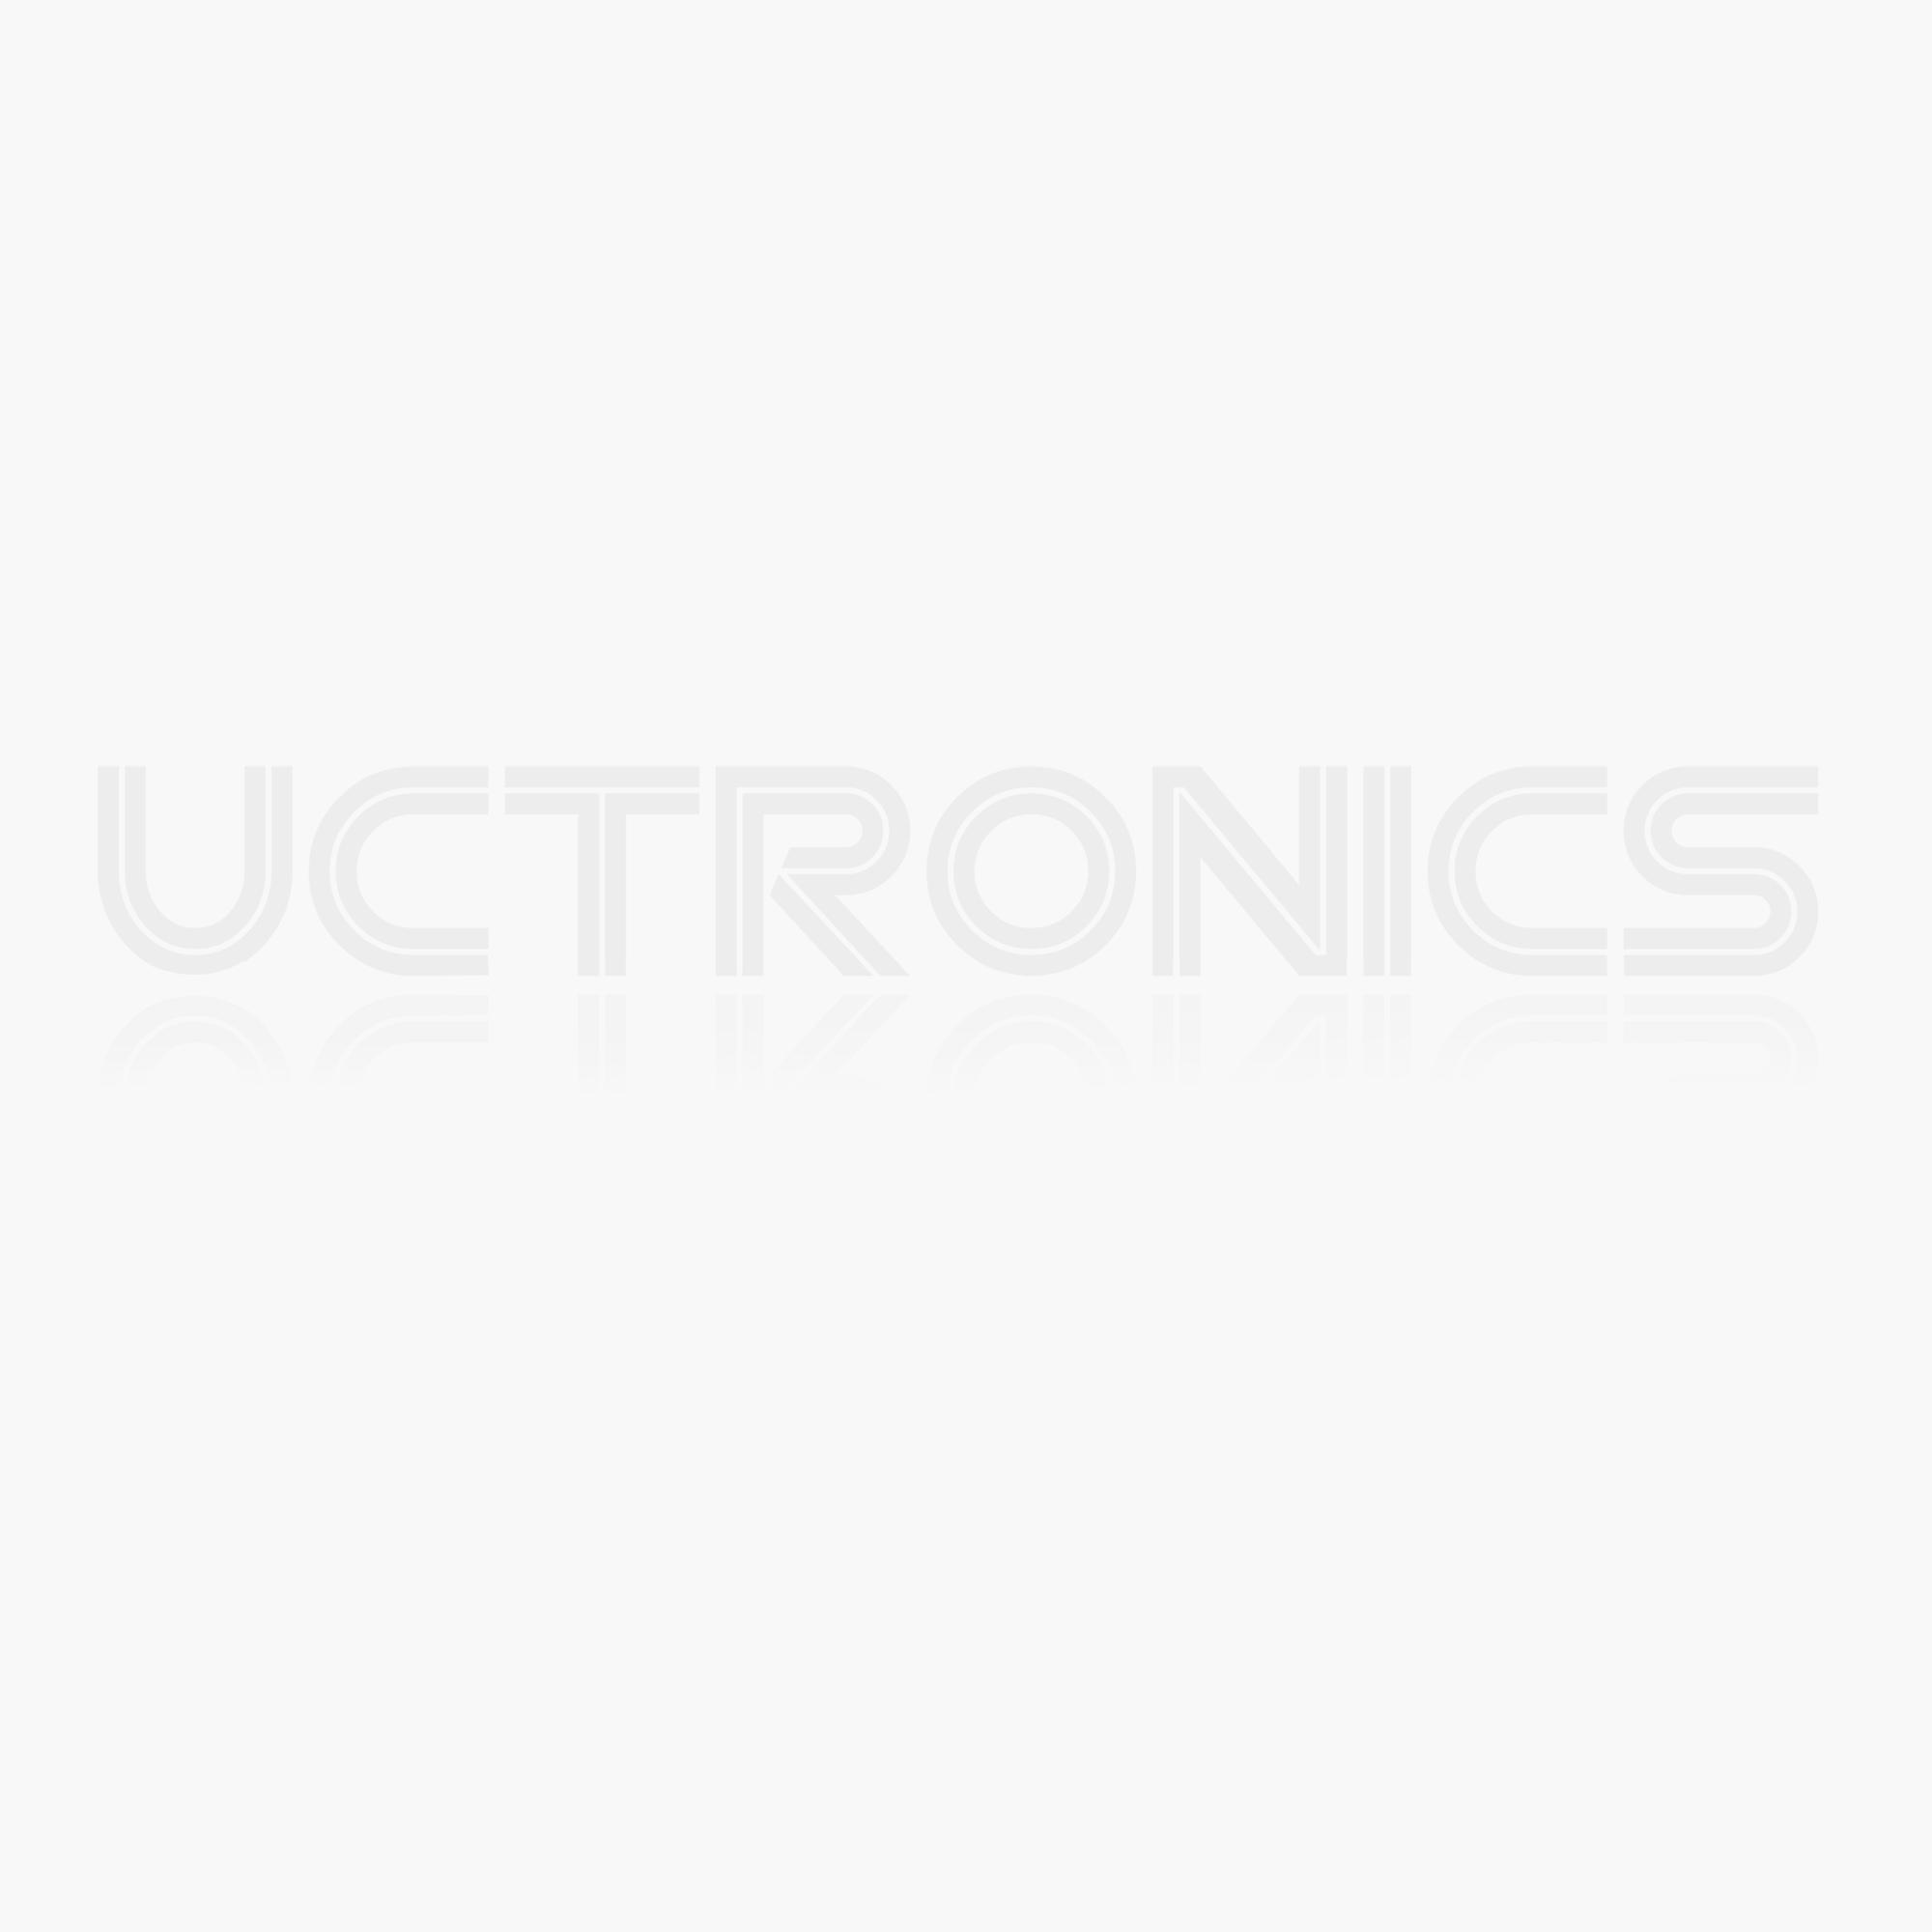 DC 7 - 90V LED Digital Car Motor Volt Meter - Red